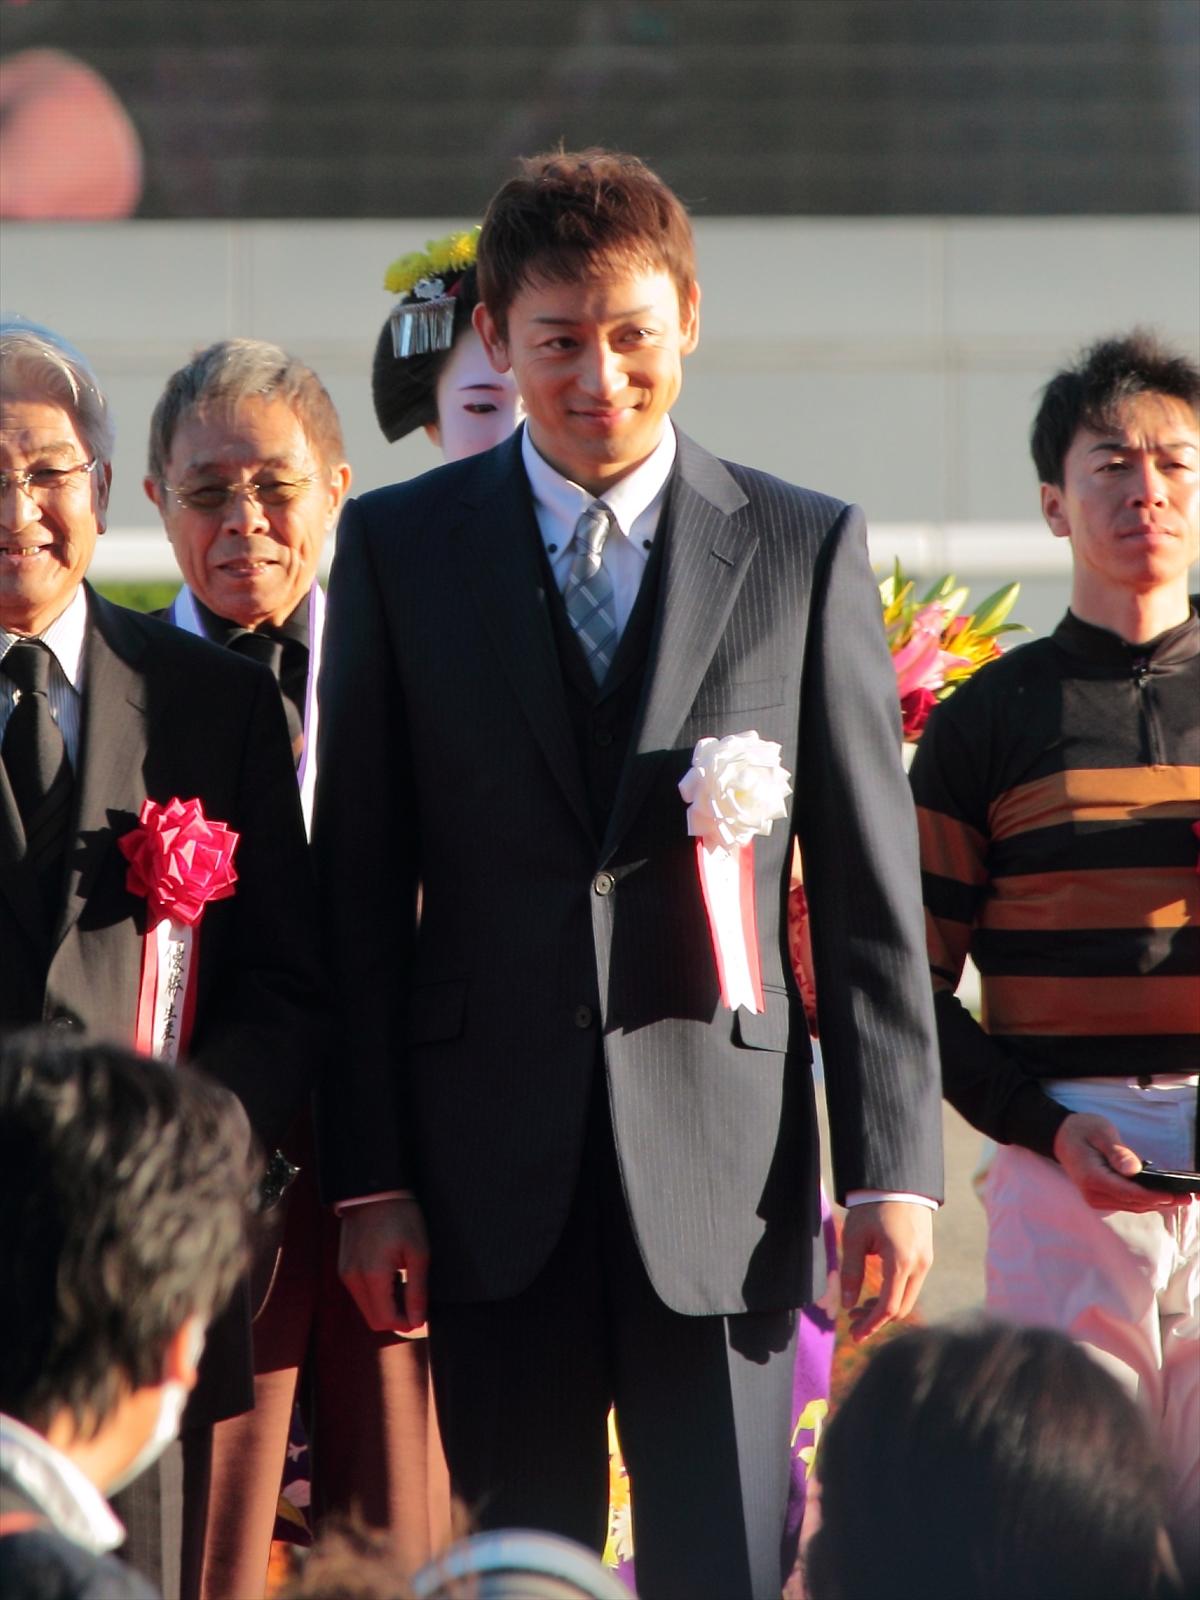 山本耕史 - Wikipedia